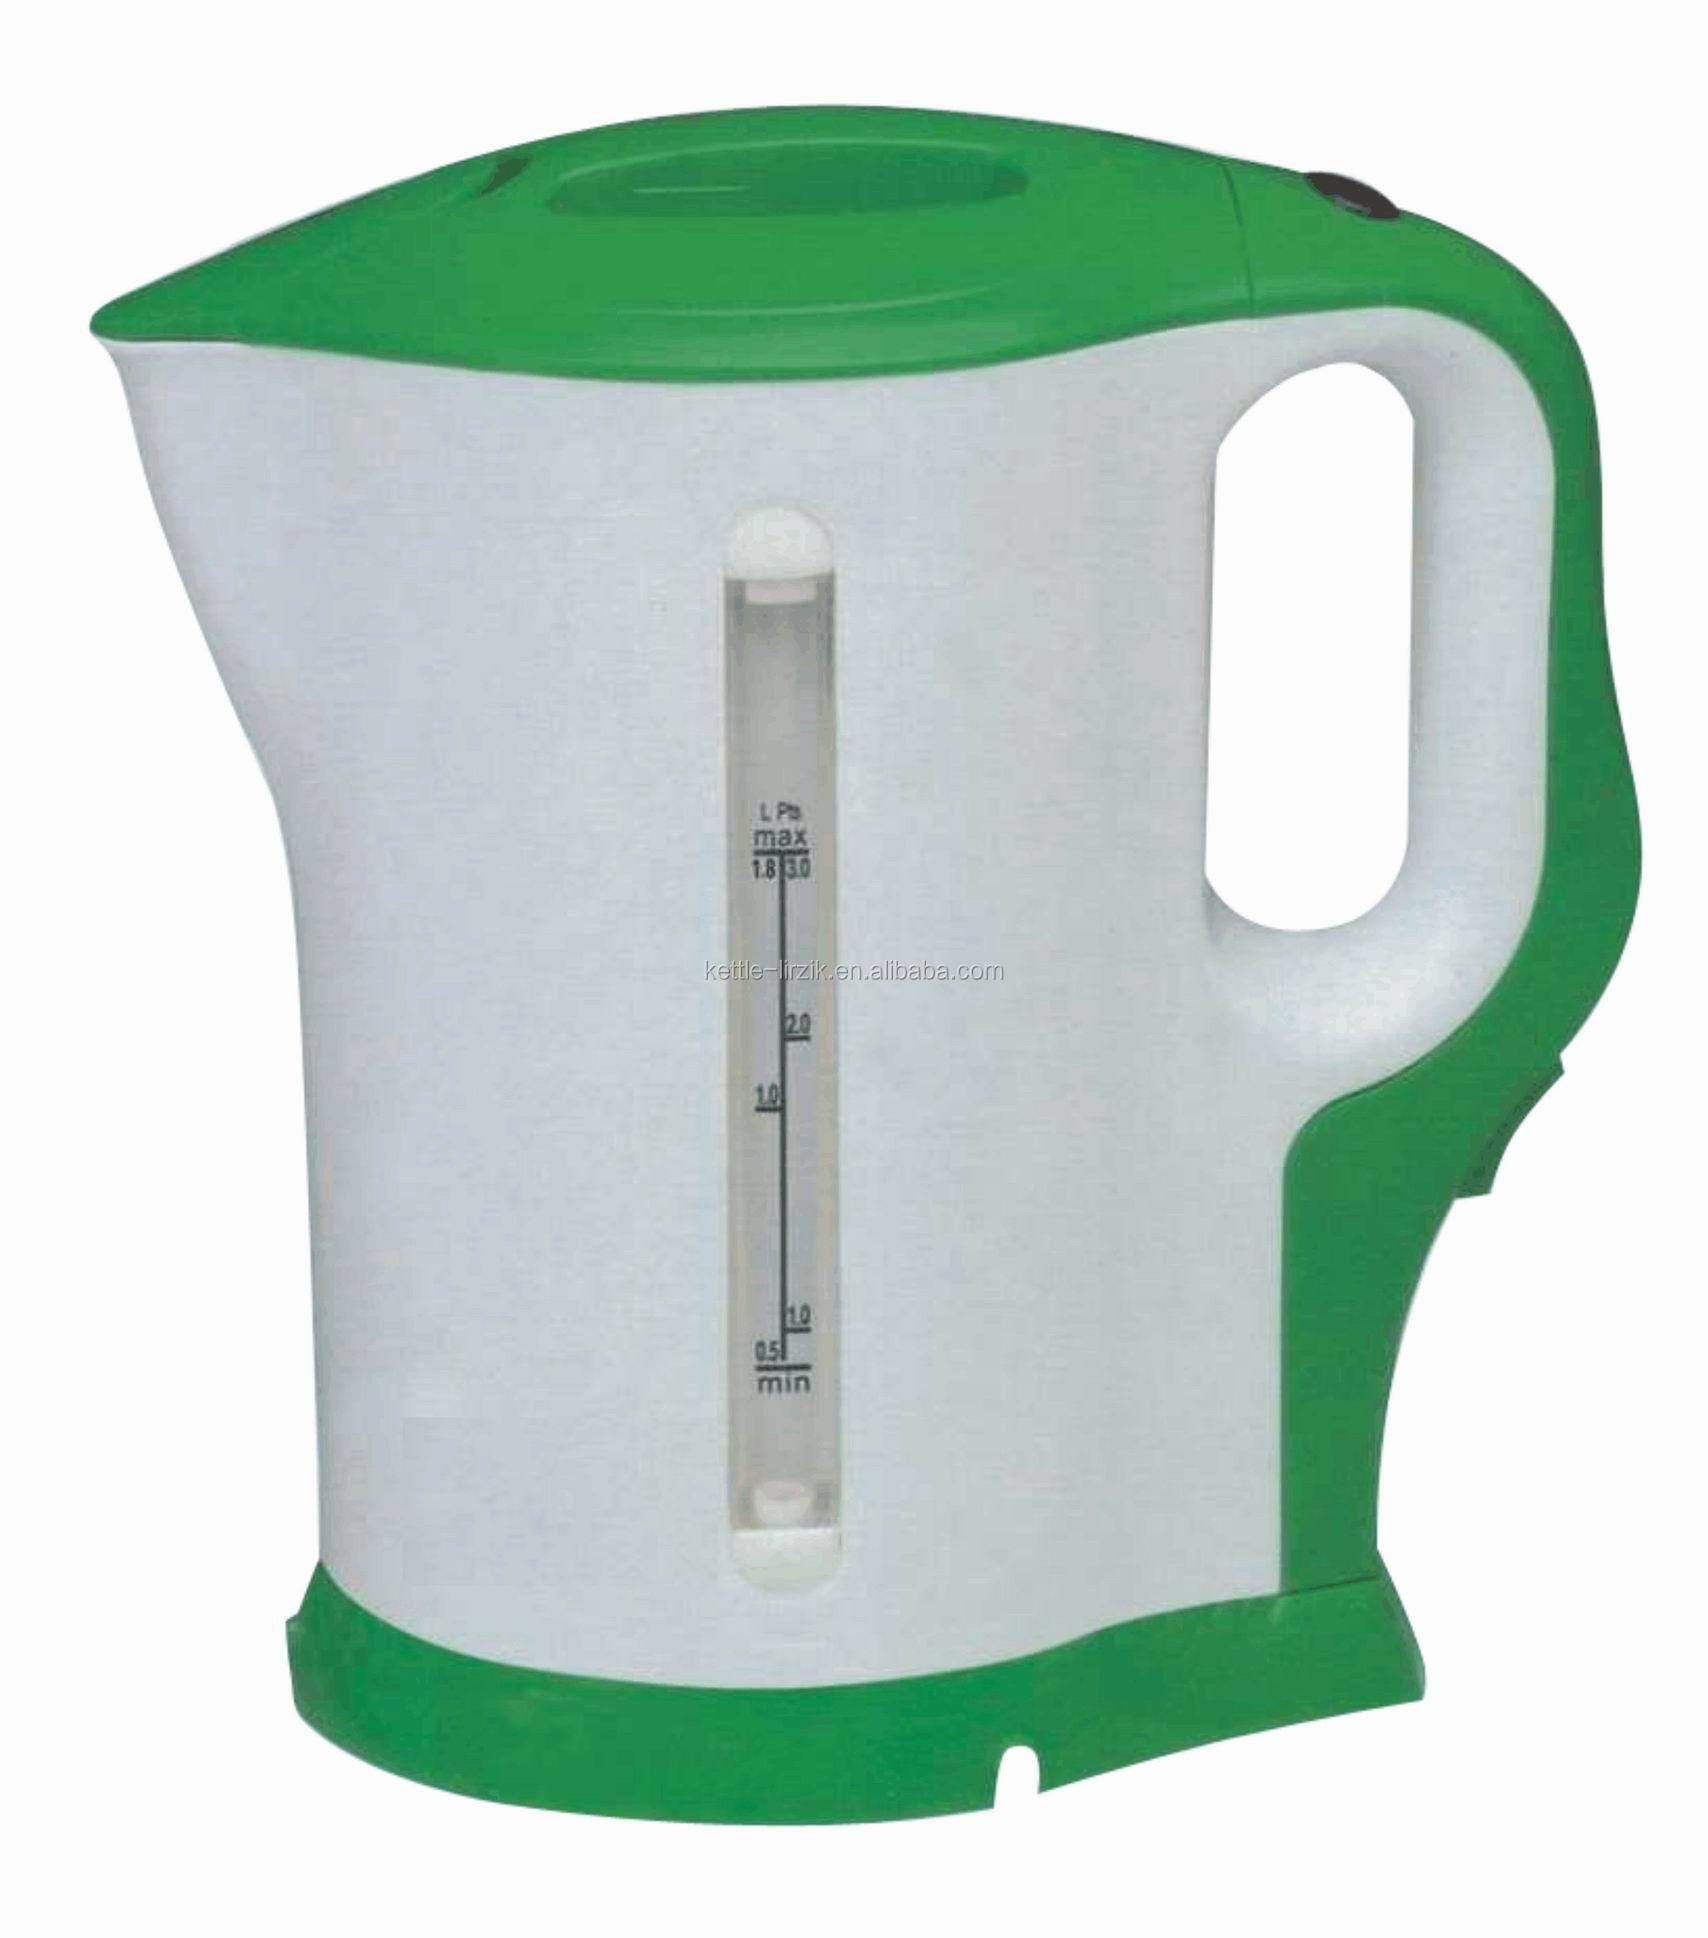 List Manufacturers of Wholesale Kitchen Appliances Buy Wholesale